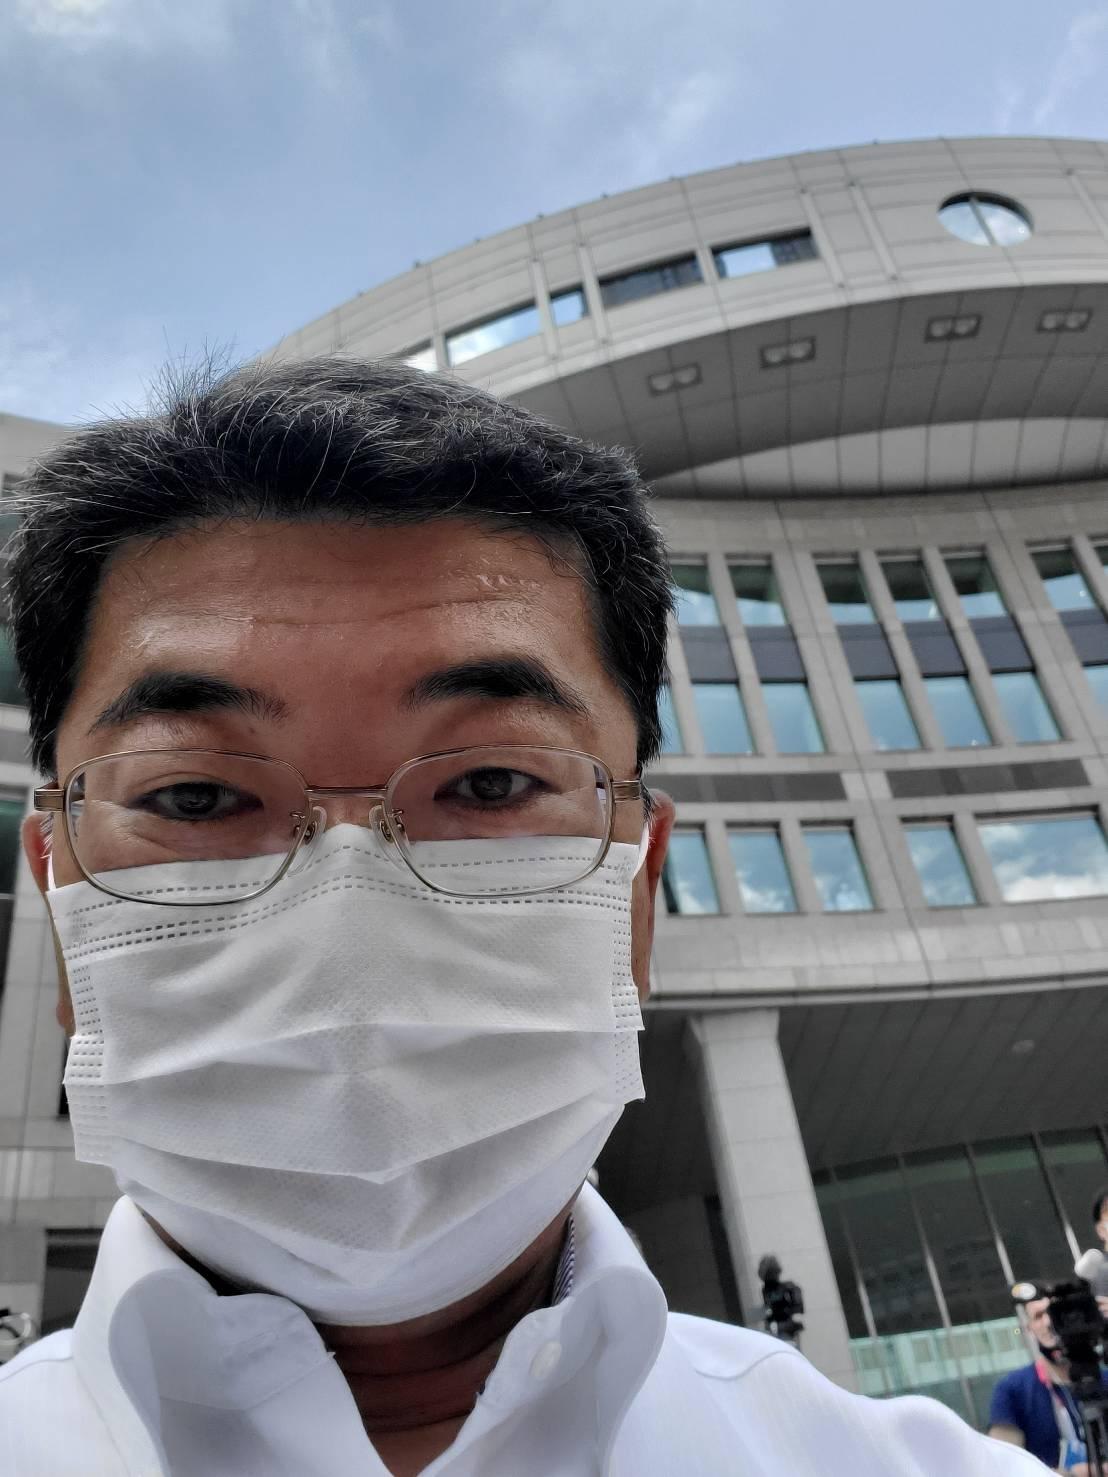 東京都議会・第21期スタート(令和3年第1回臨時会開催)!